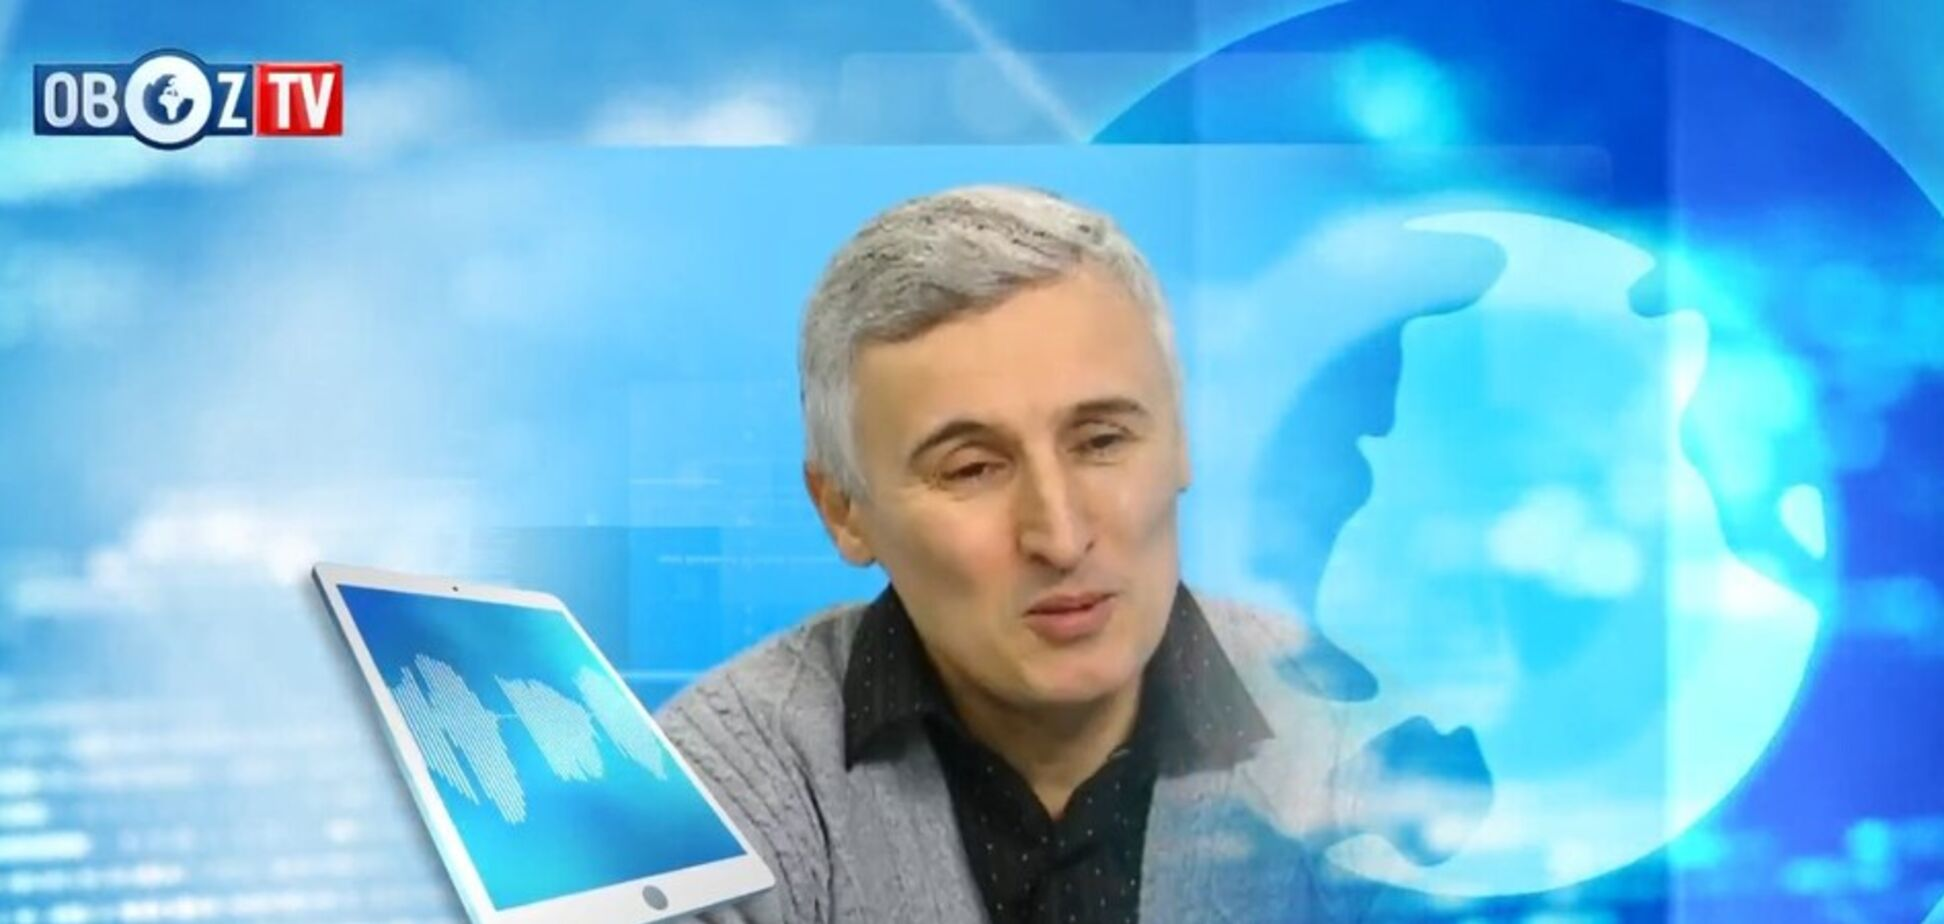 Пошла жара: синоптики дали прогноз на день выборов в Украине